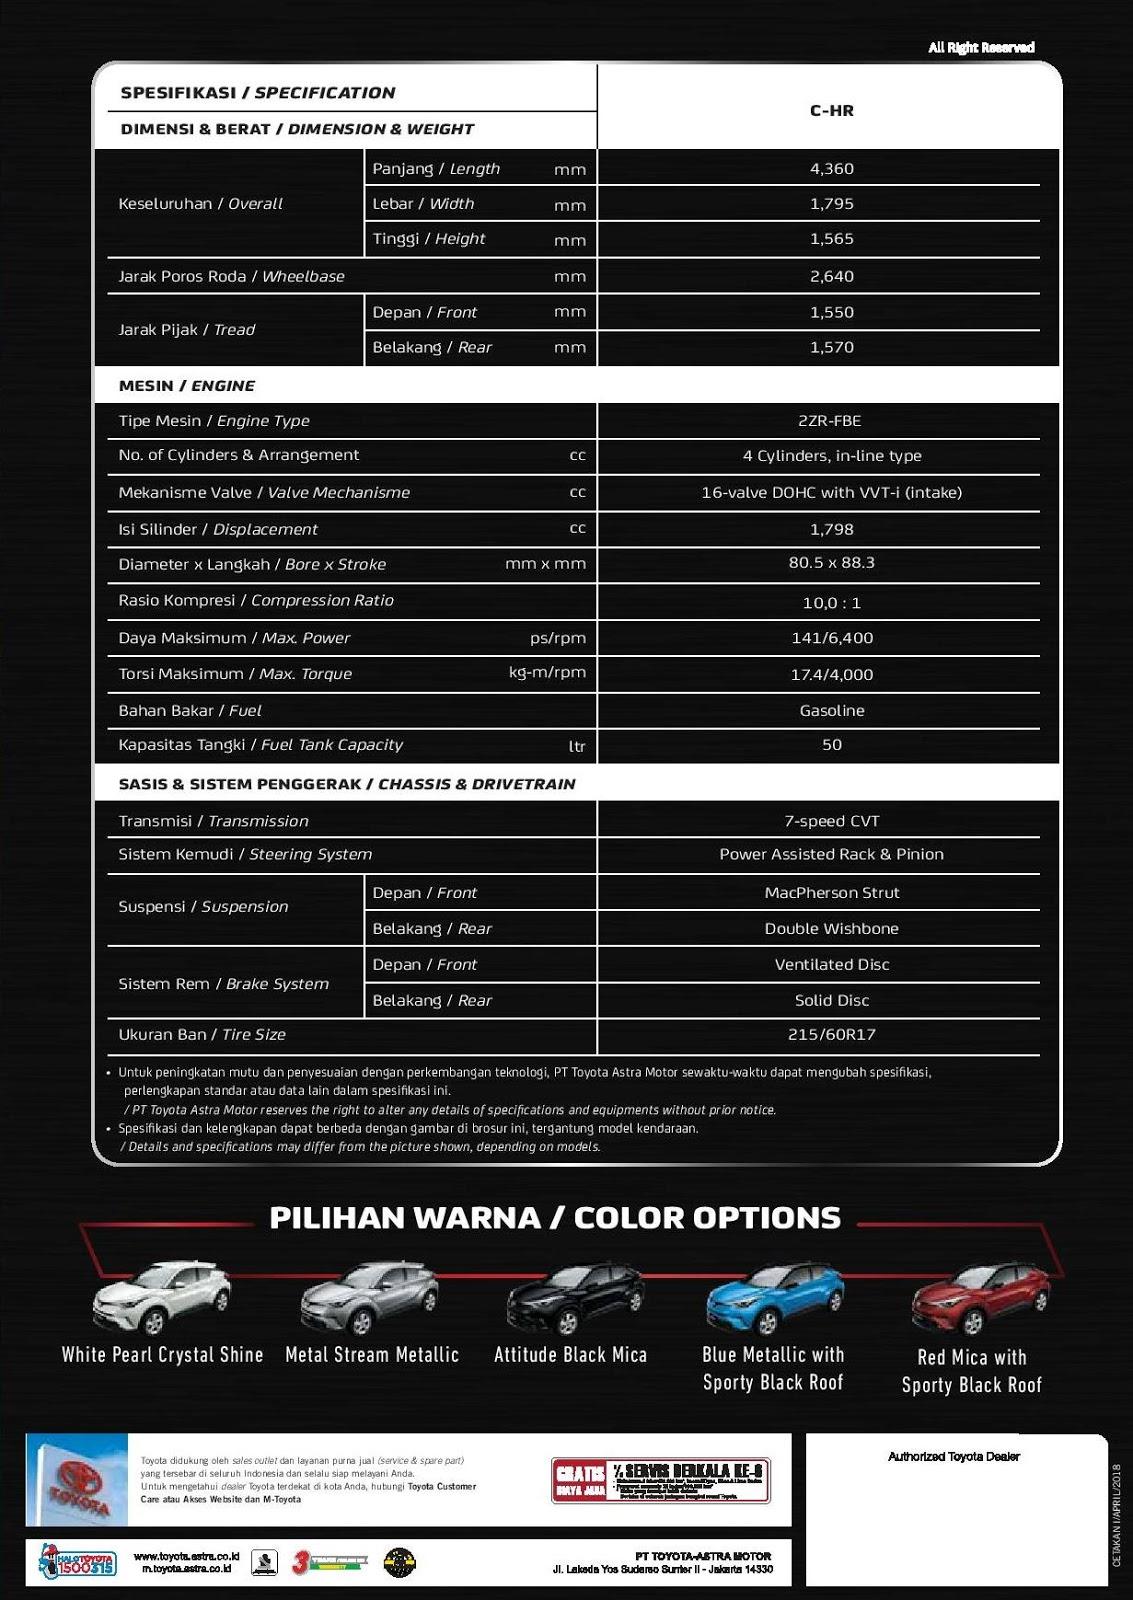 harga dan kredit Toyota C-HR Pekanbaru Riau